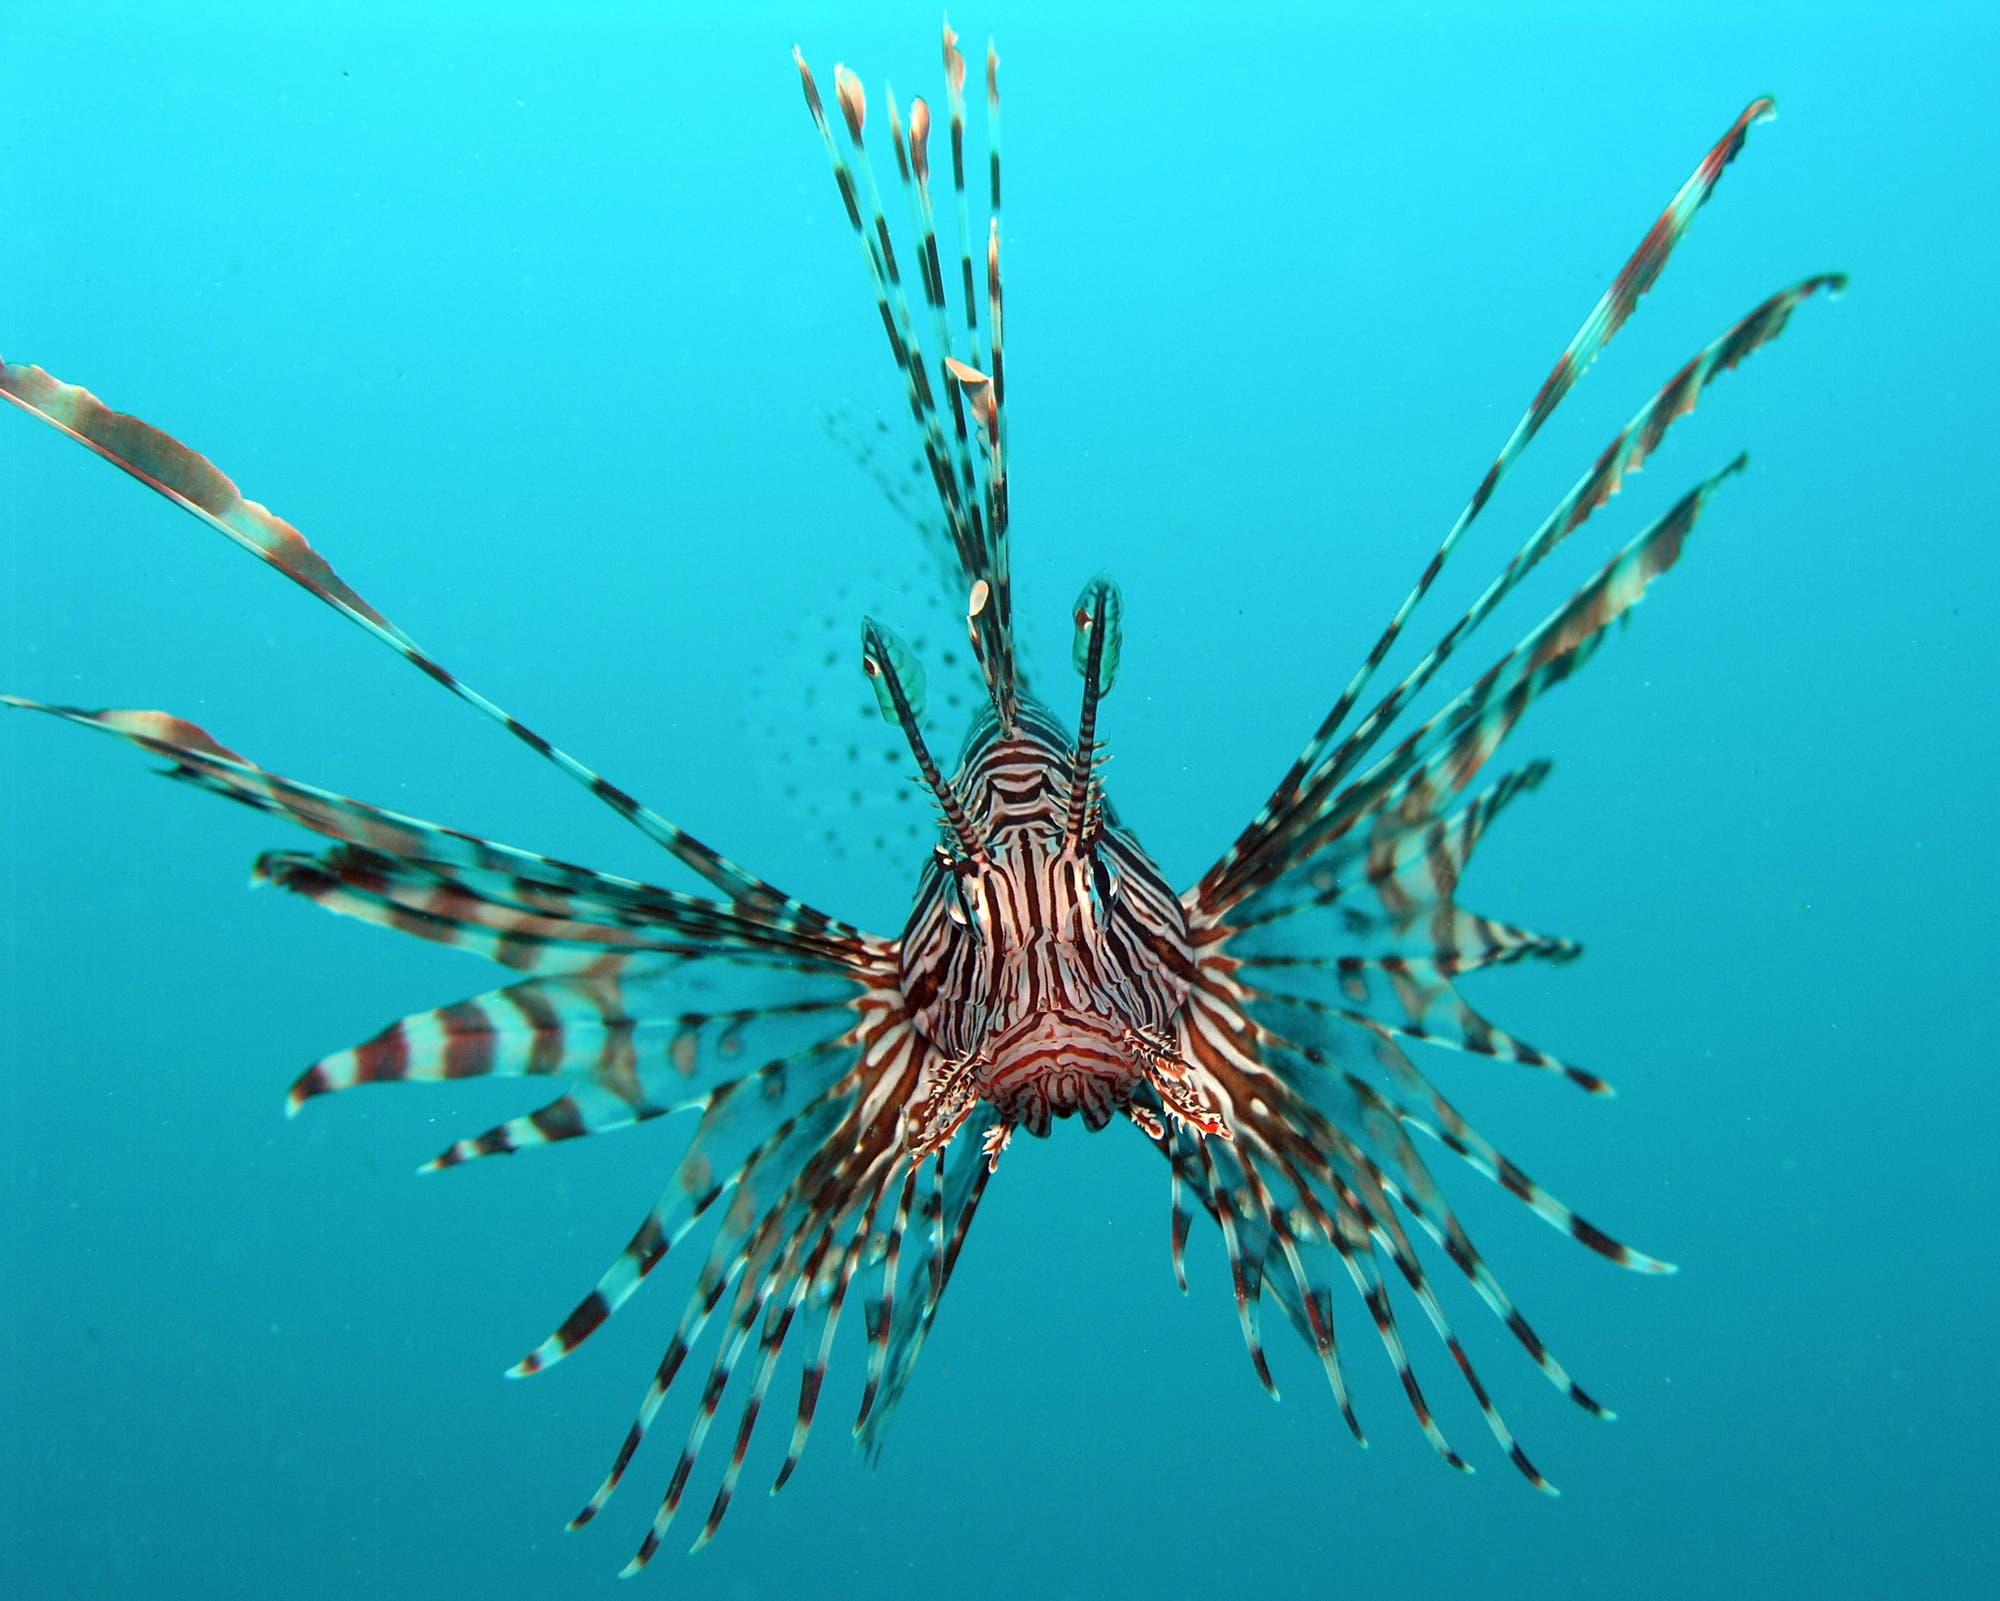 Die Jagd auf die Rotfeuerfische wird durch eine spezielle Verhaltensweise der Tiere erleichtert: Sie schwimmen häufig aus Neugier oder zur Revierverteidigung auf Taucher zu.